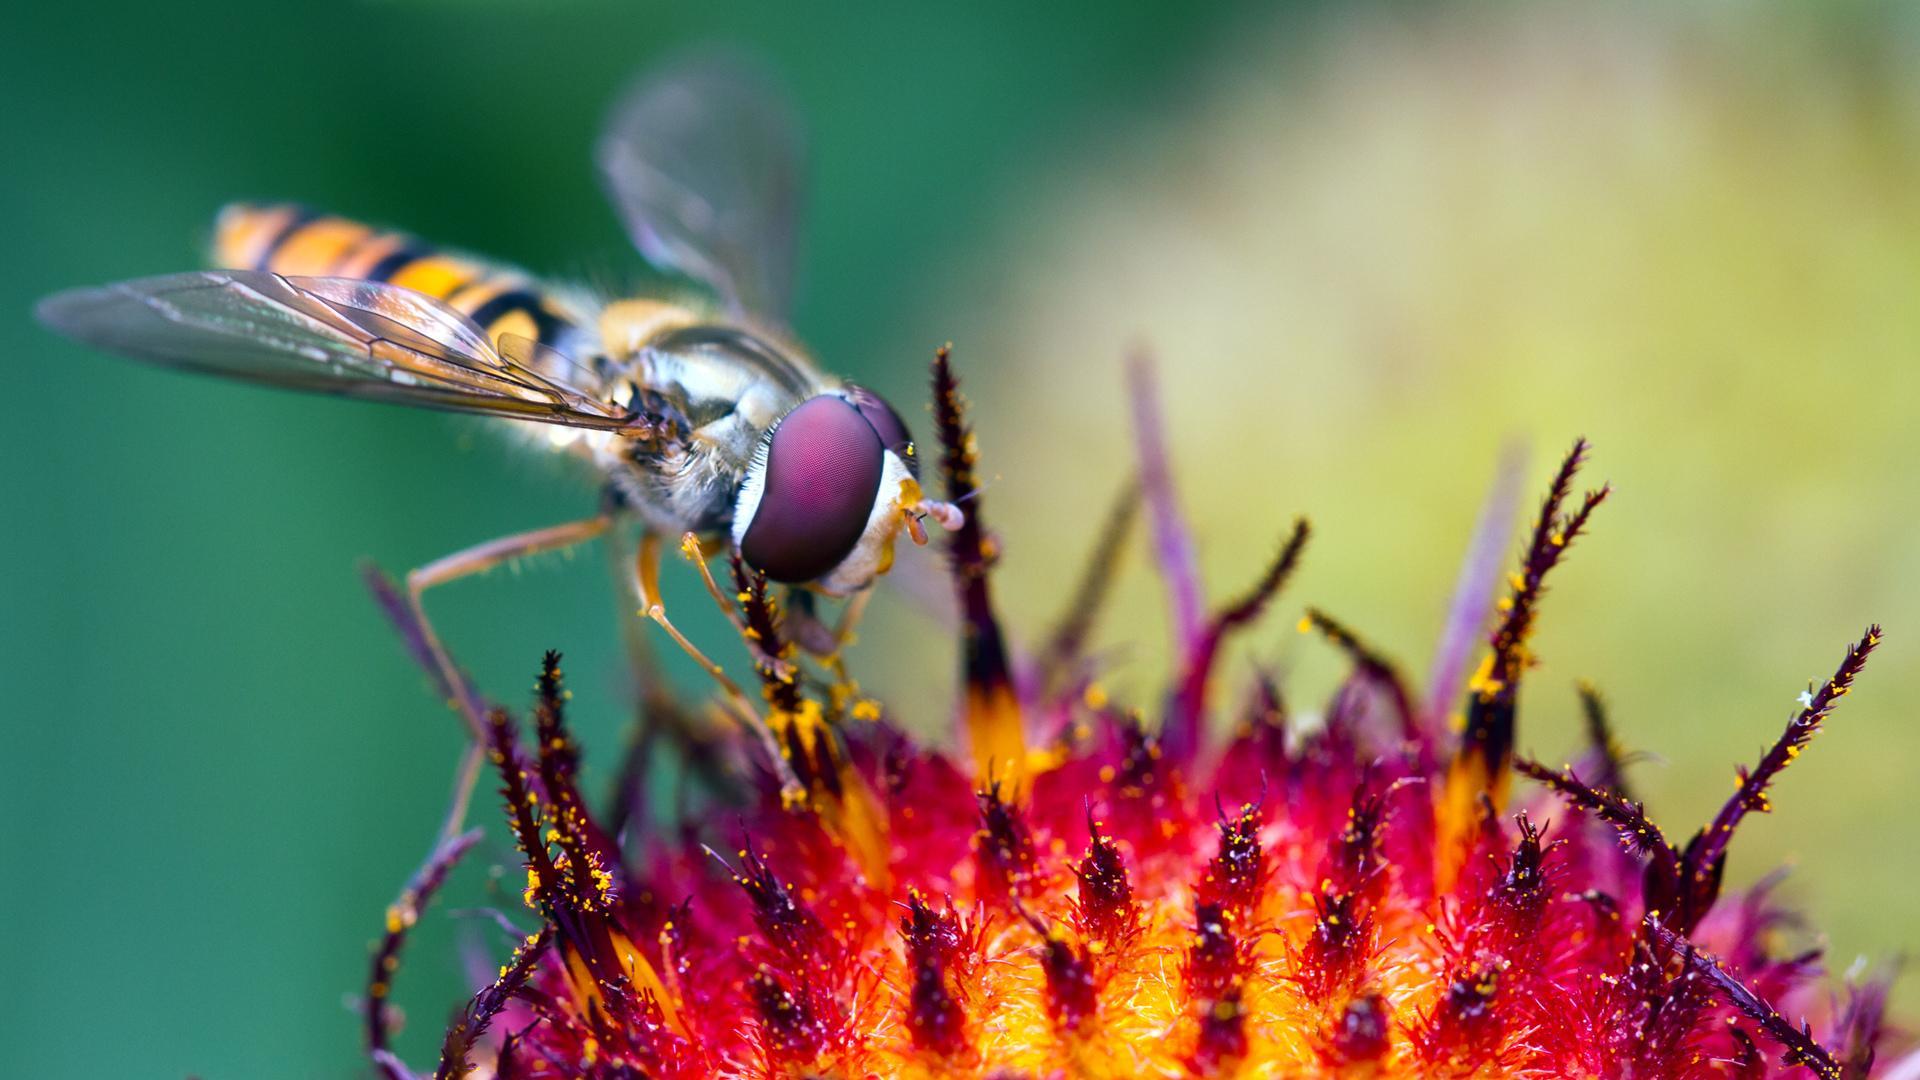 ромашка пчела опыление онлайн